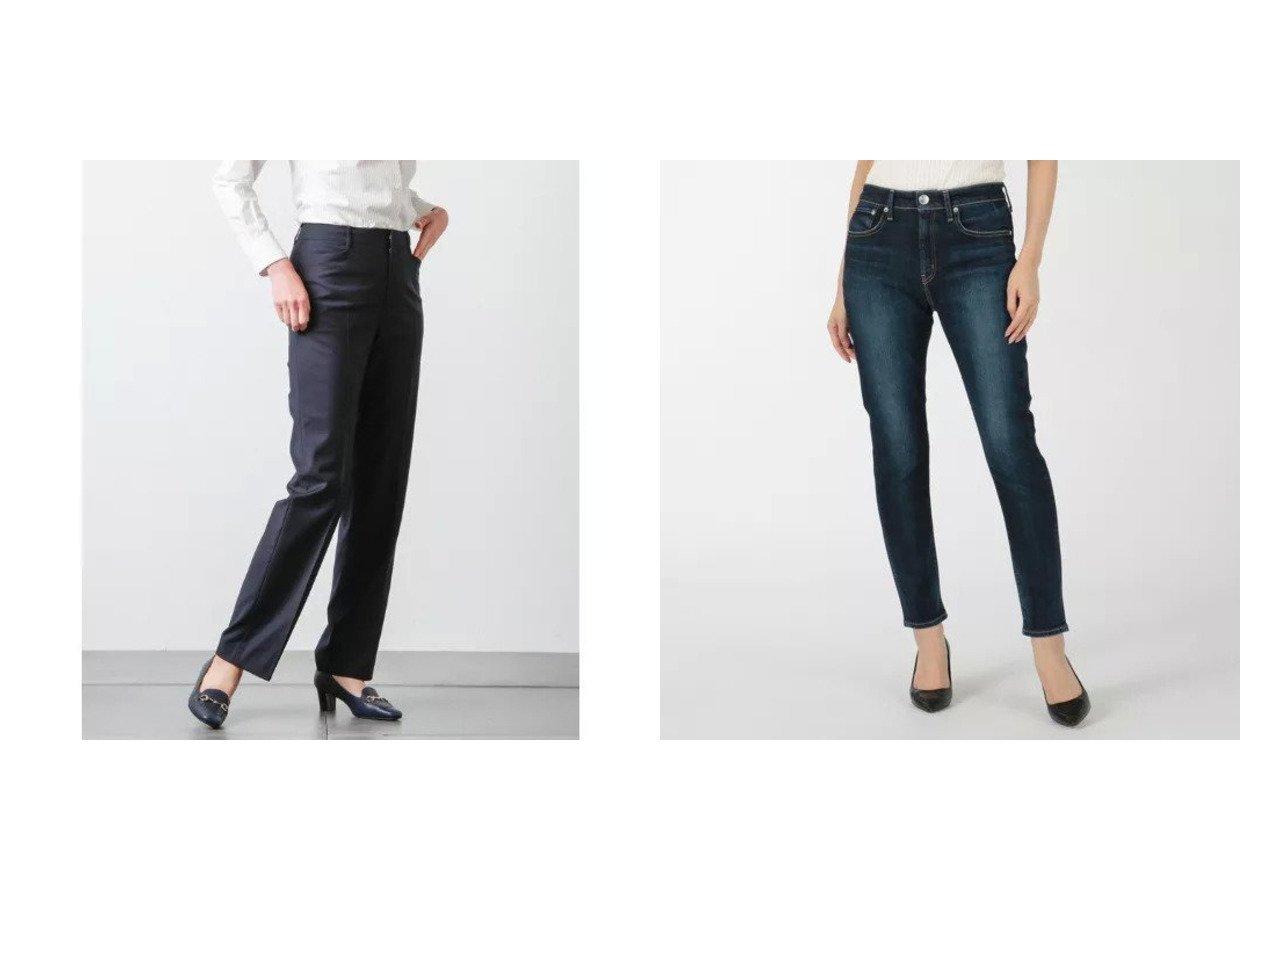 【RED CARD/レッドカード】のAnniversary Highrise&【NEWYORKER/ニューヨーカー】のストレッチシャドーストライプ パンツ パンツのおすすめ!人気、トレンド・レディースファッションの通販  おすすめで人気の流行・トレンド、ファッションの通販商品 メンズファッション・キッズファッション・インテリア・家具・レディースファッション・服の通販 founy(ファニー) https://founy.com/ ファッション Fashion レディースファッション WOMEN パンツ Pants アクセサリー インナー オケージョン 春 Spring カットソー ジャケット スタイリッシュ ストライプ ストレッチ ストレート スーツ セットアップ 定番 Standard ベーシック 2021年 2021 S/S 春夏 SS Spring/Summer 2021 春夏 S/S SS Spring/Summer 2021 デニム ハイライズ レギュラー 人気 洗える |ID:crp329100000016831